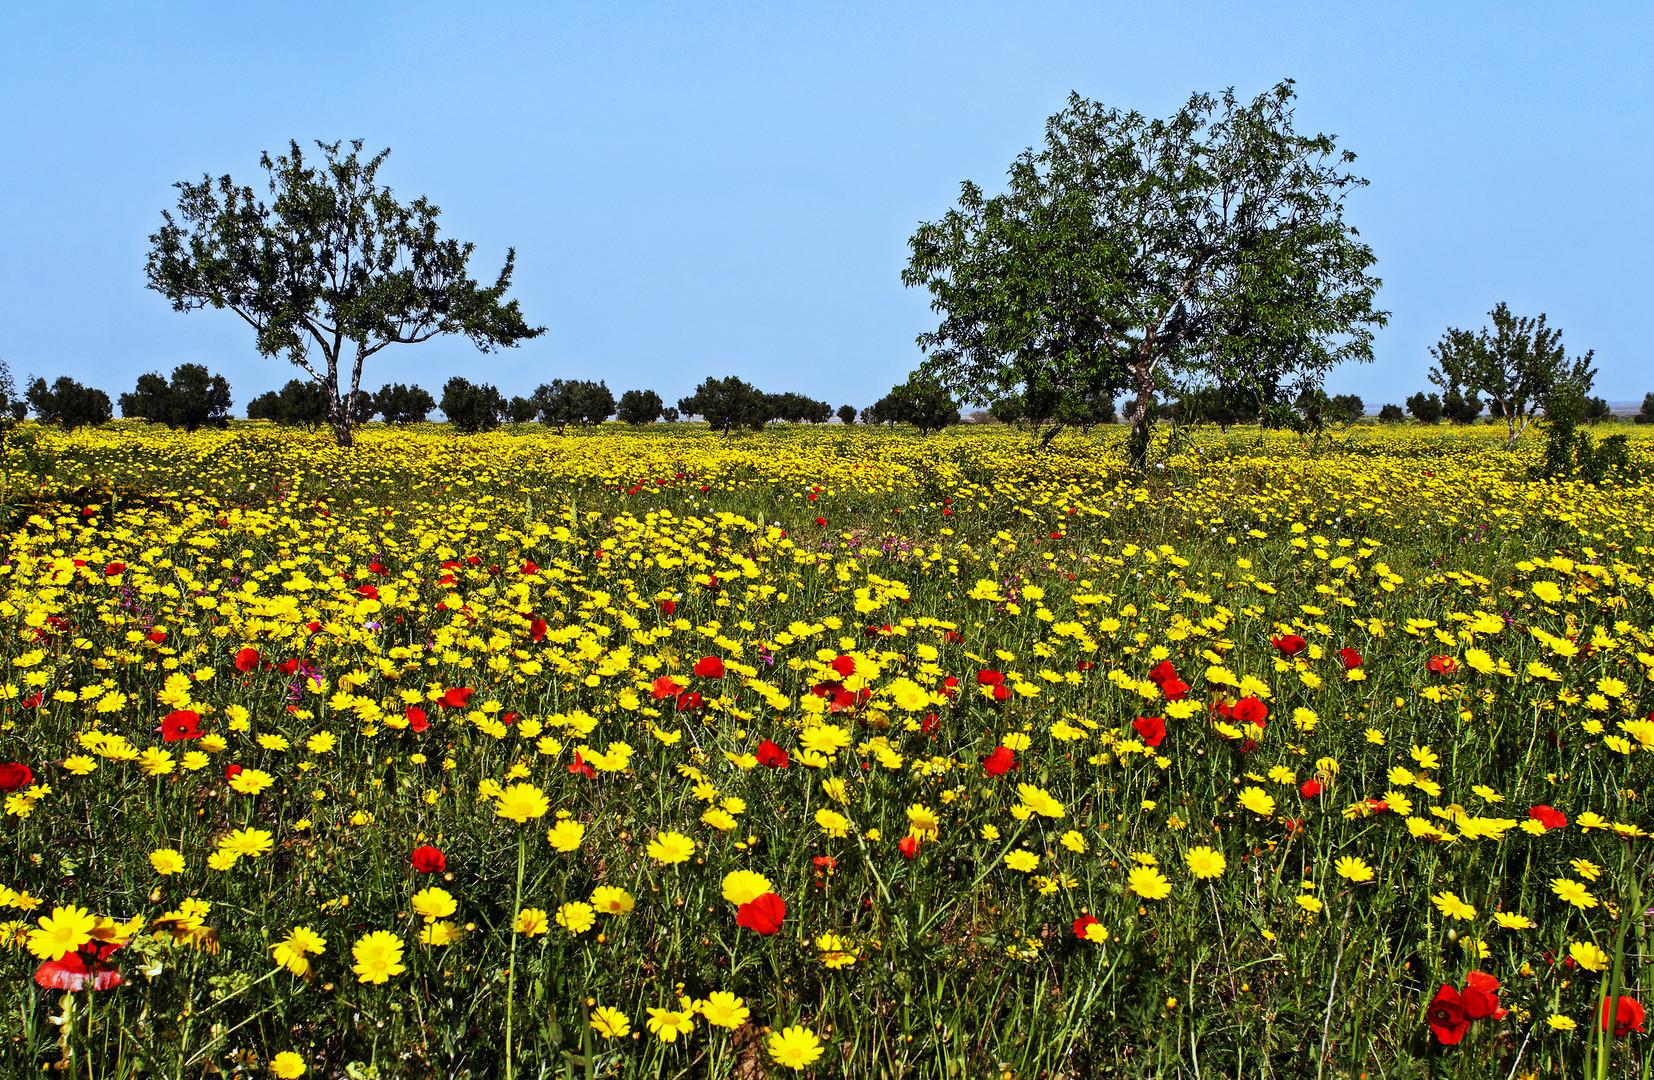 printemps en tunisie photo et image paysages paysages de campagne fleurs images fotocommunity. Black Bedroom Furniture Sets. Home Design Ideas